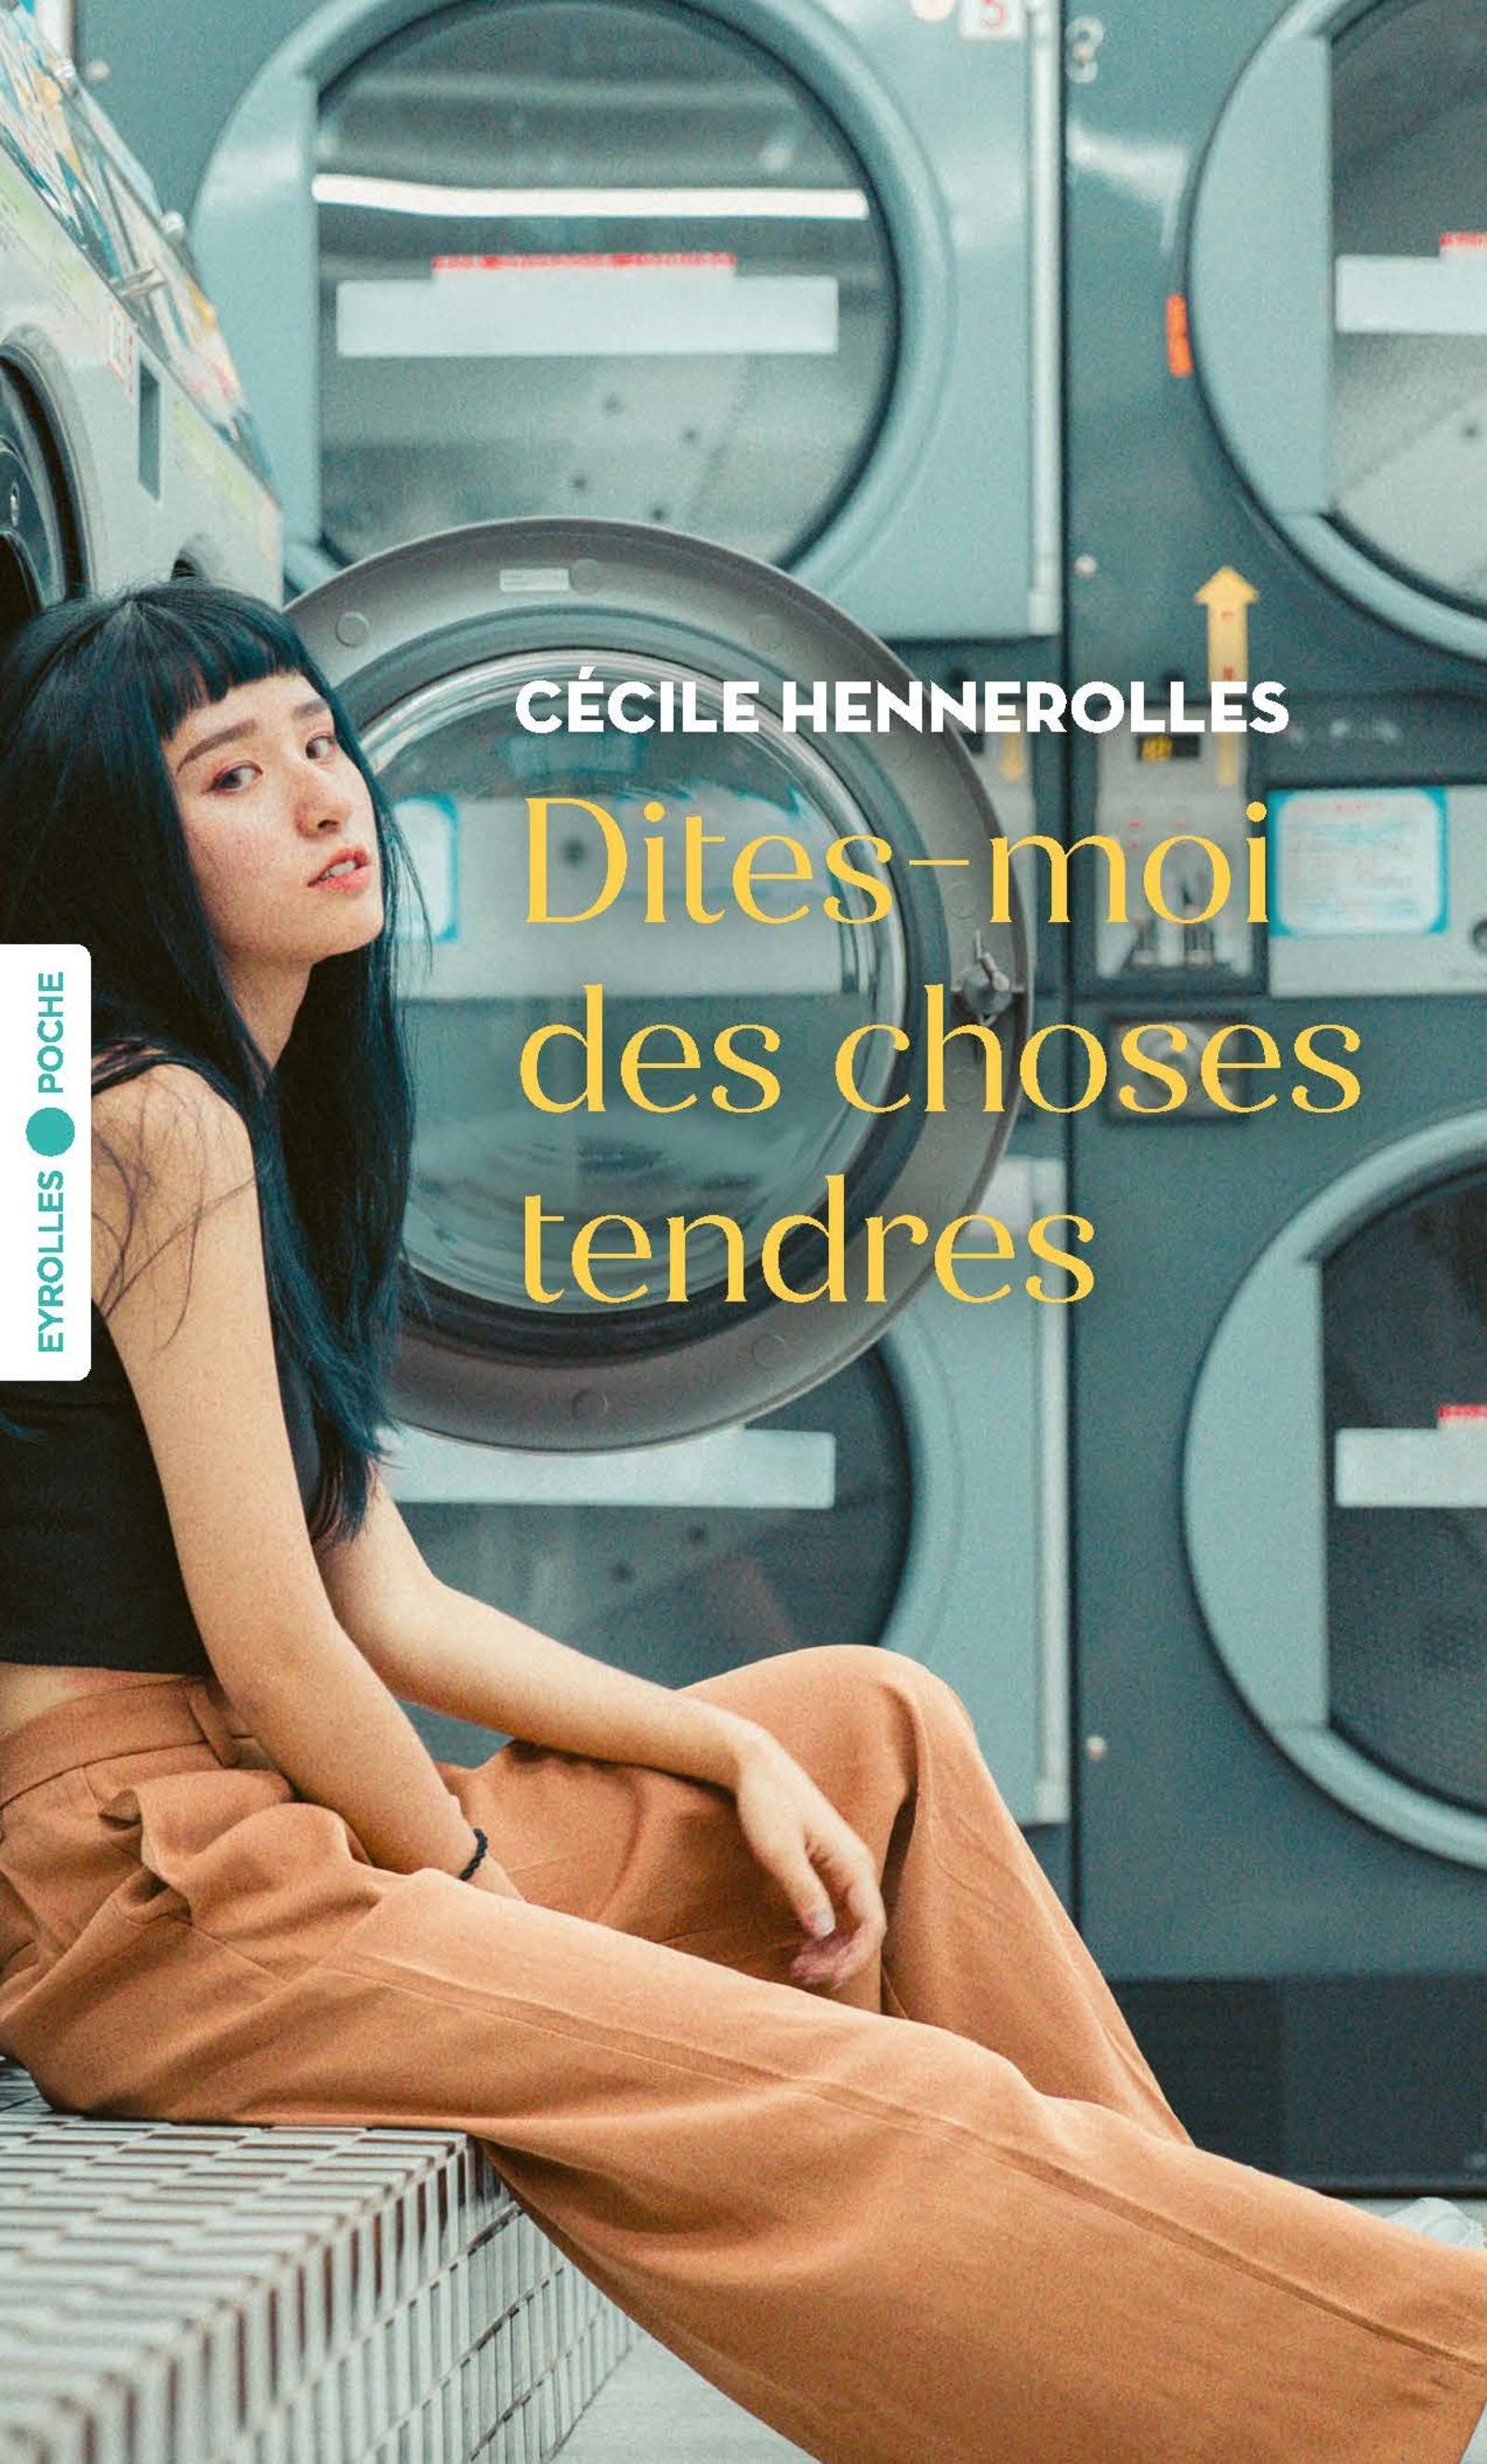 DITES-MOI DES CHOSES TENDRES